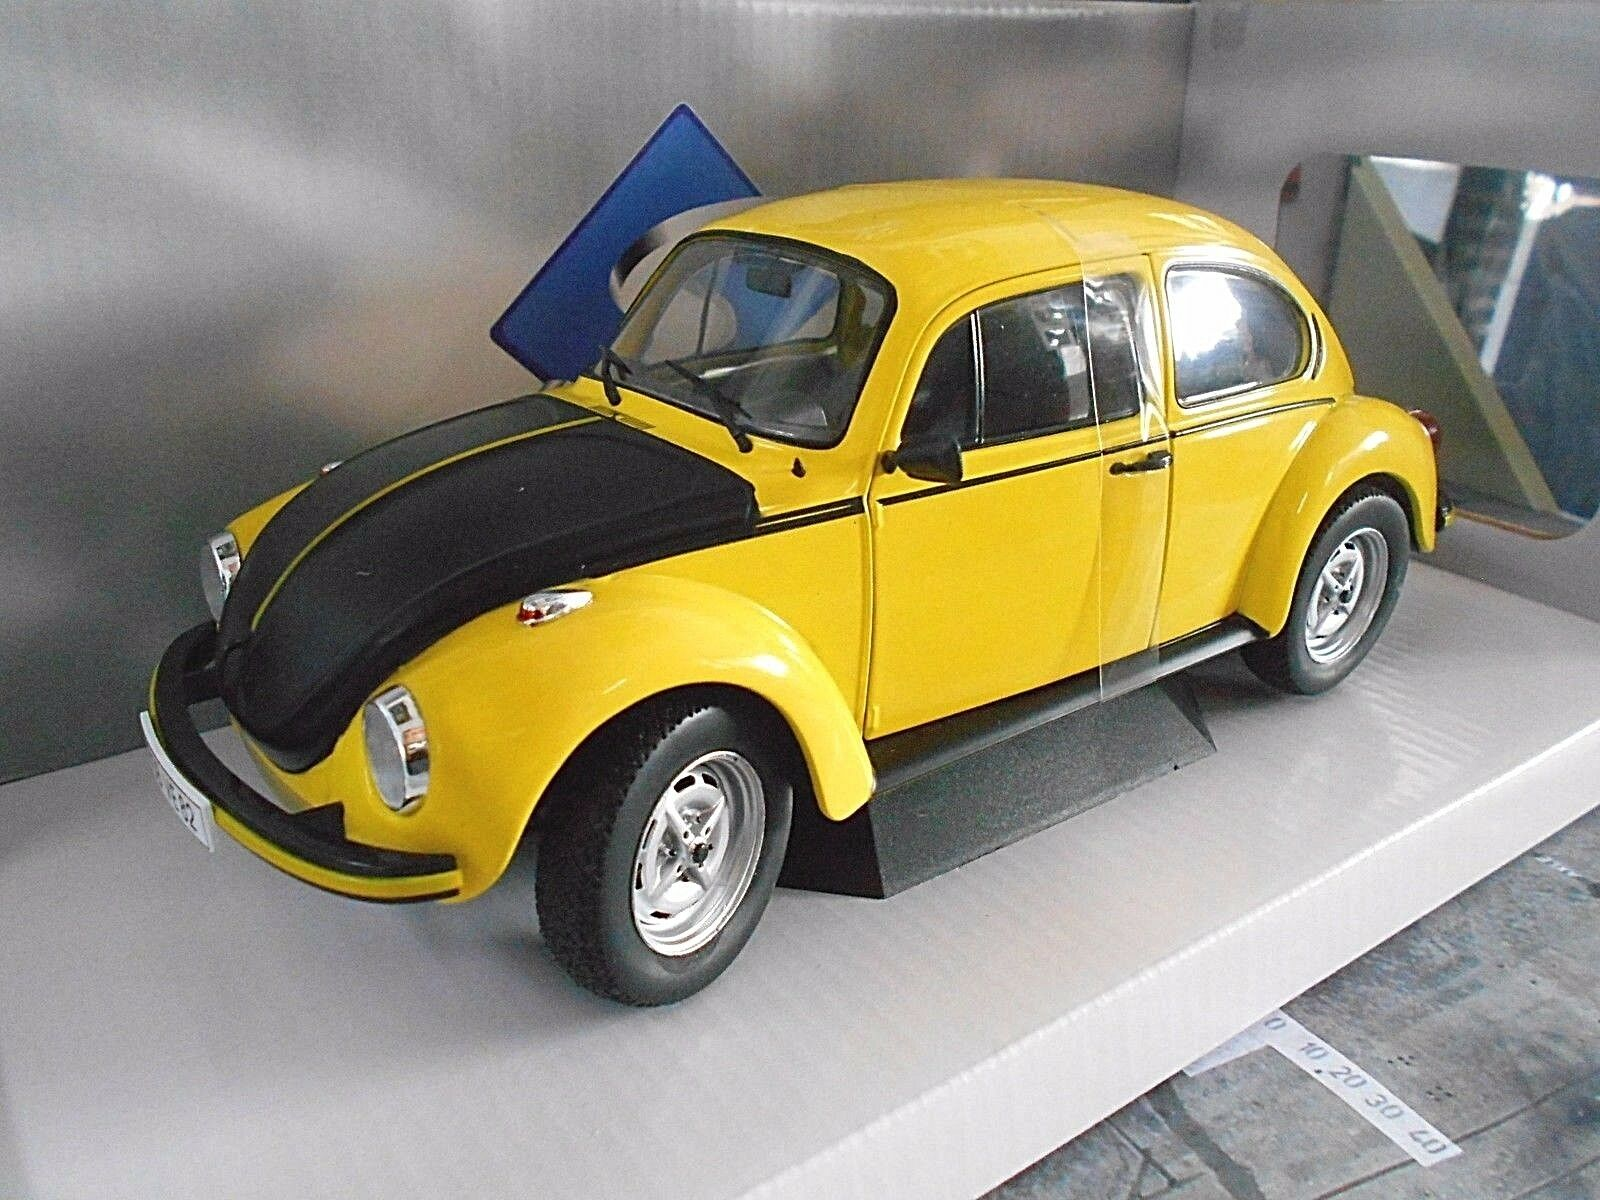 VW Escarabajo Volkswagen Beetle 1303 s GSR giallo nero Renner 1973 solido 1 18